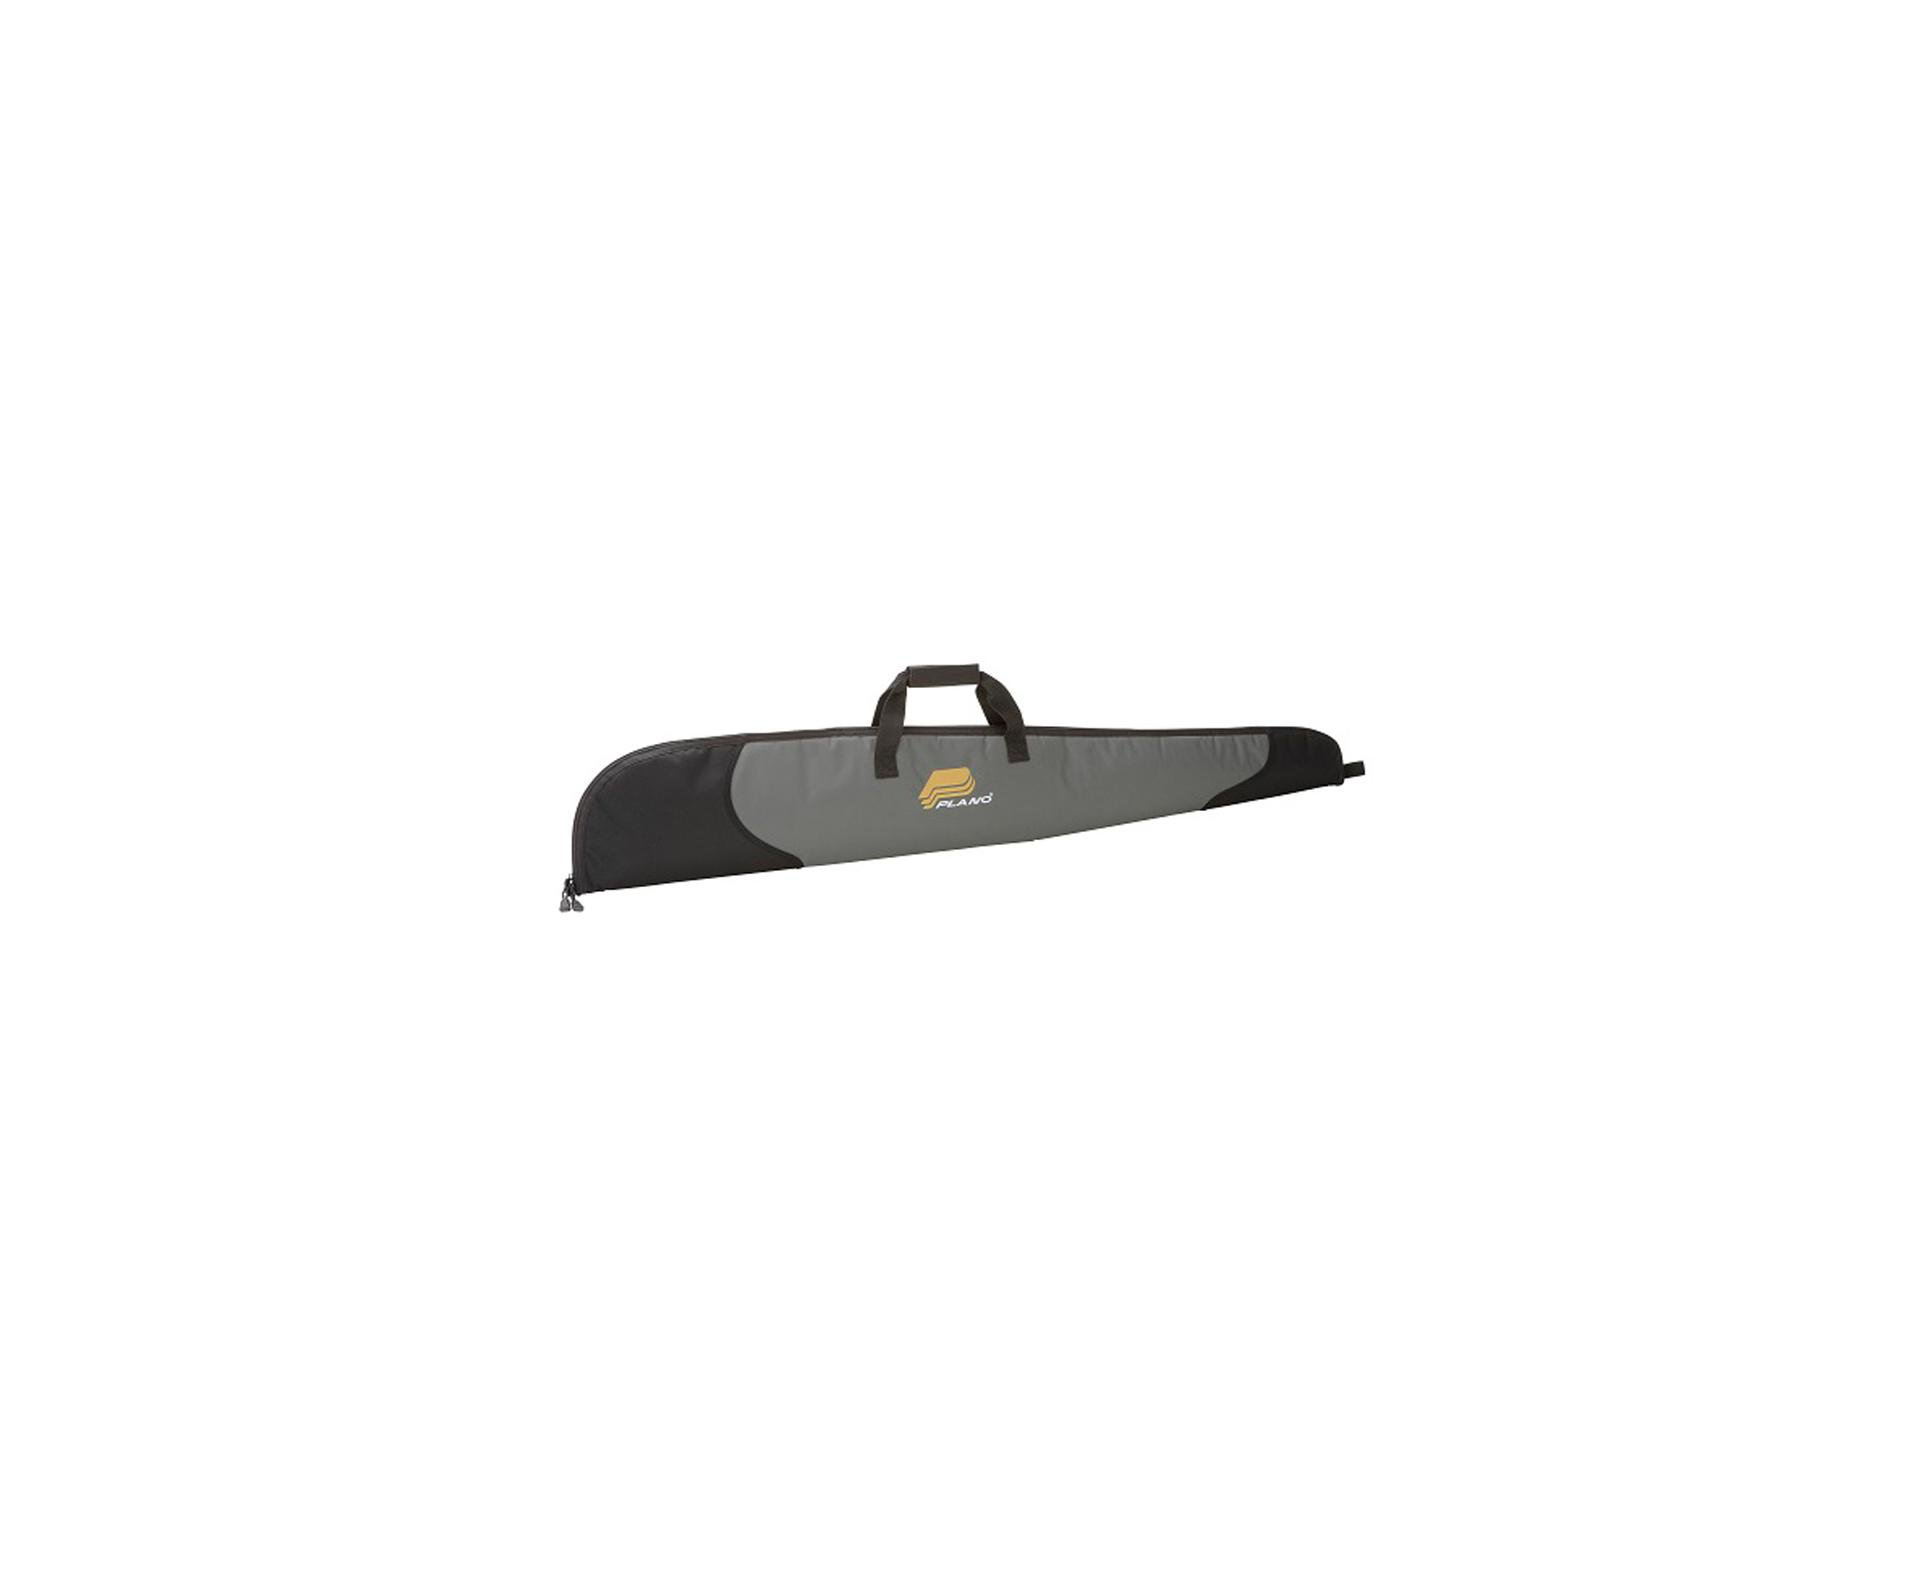 Capa Almofadada Para Armas Longas - 25423 - Plano (130cm)